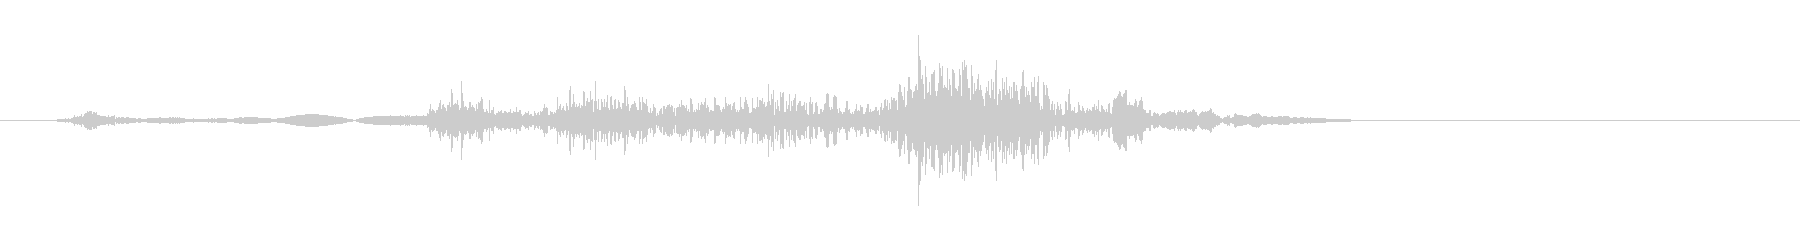 クルマ・ドアロック音の未再生の波形